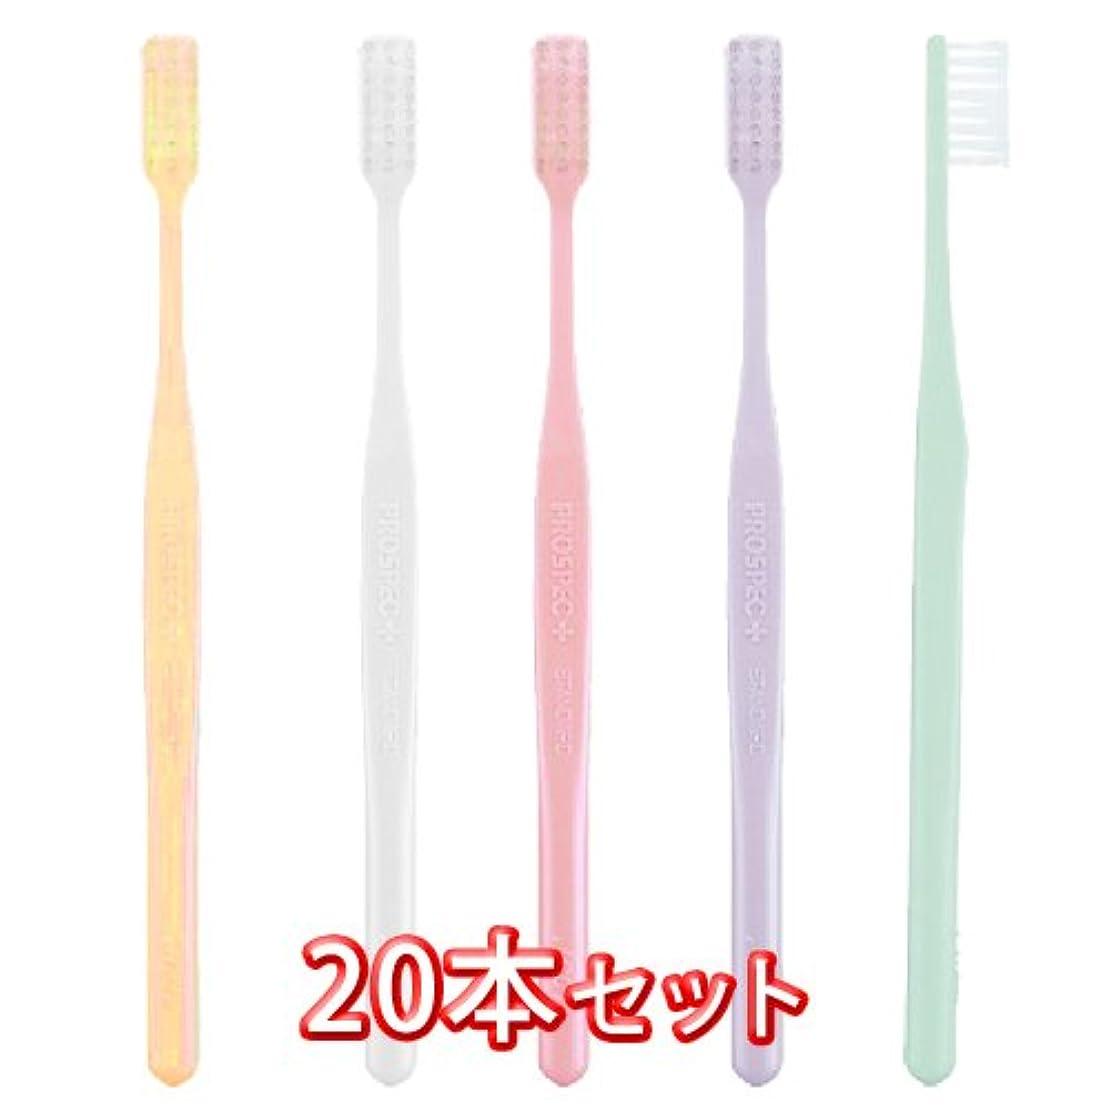 ガチョウ自宅で持続的プロスペック 歯ブラシ プラススタンダード 20本入 Mふつう